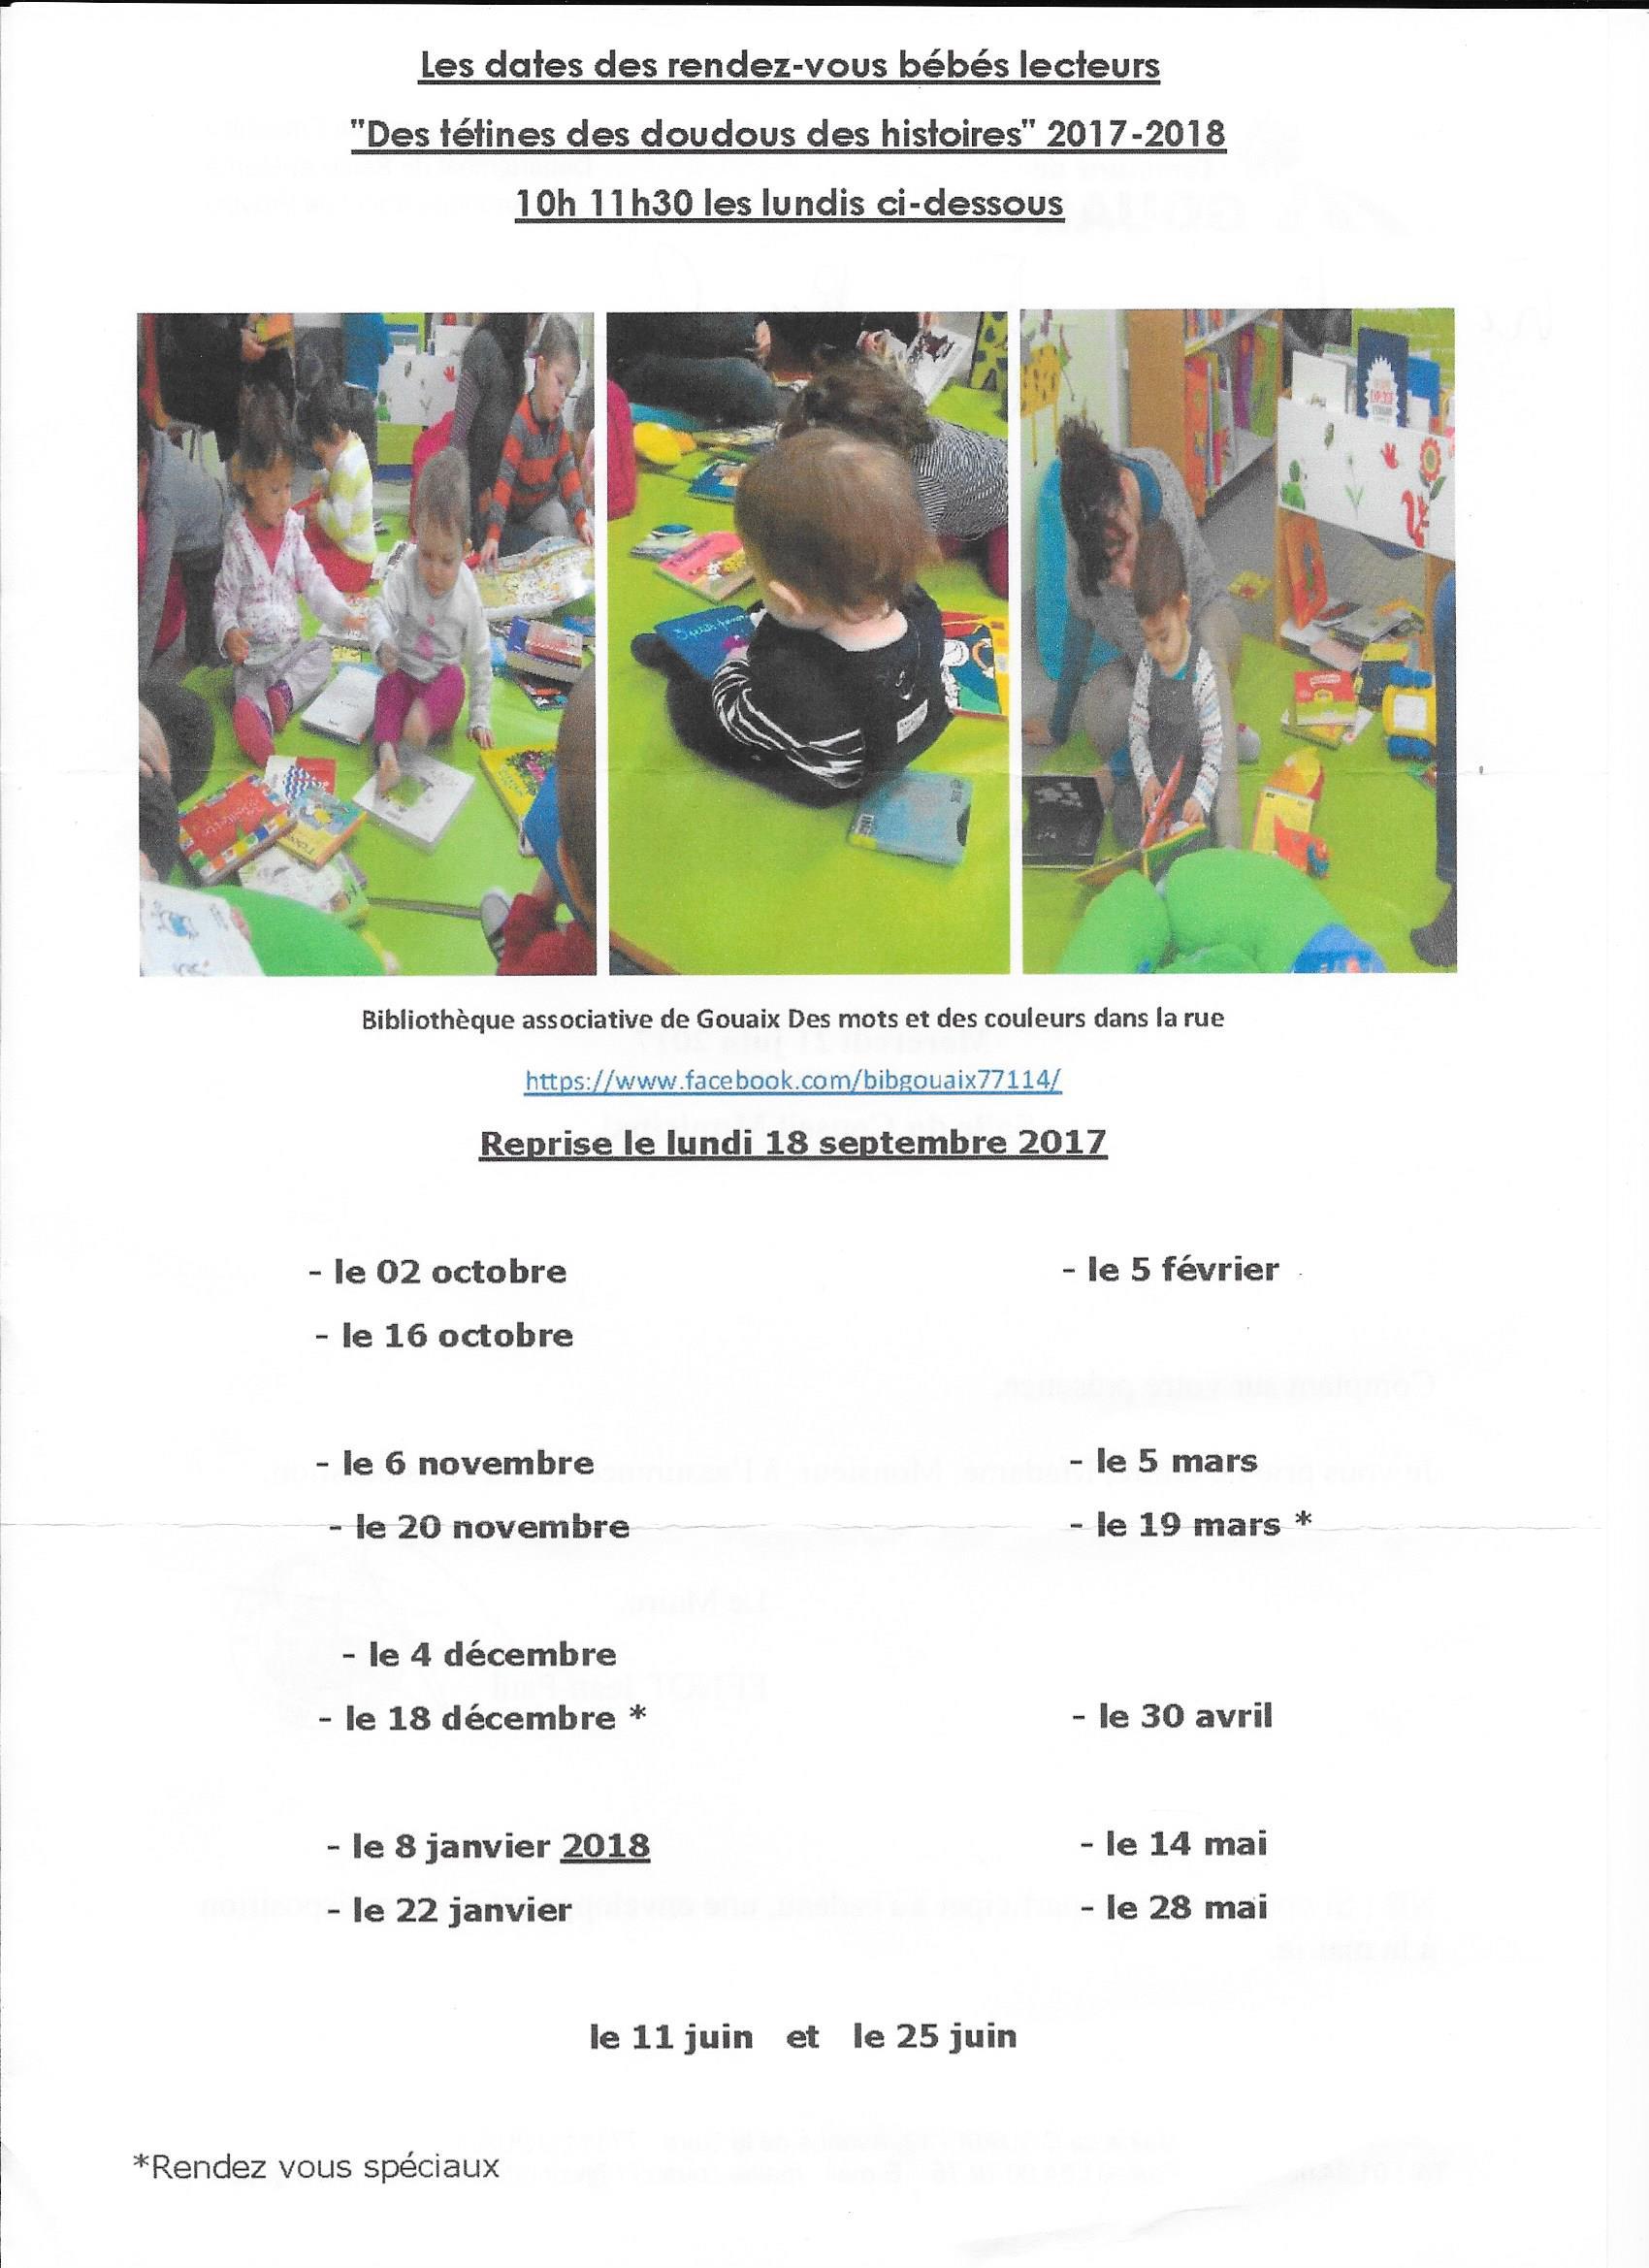 Les rendez-vous bébés lecteurs 2017/2018